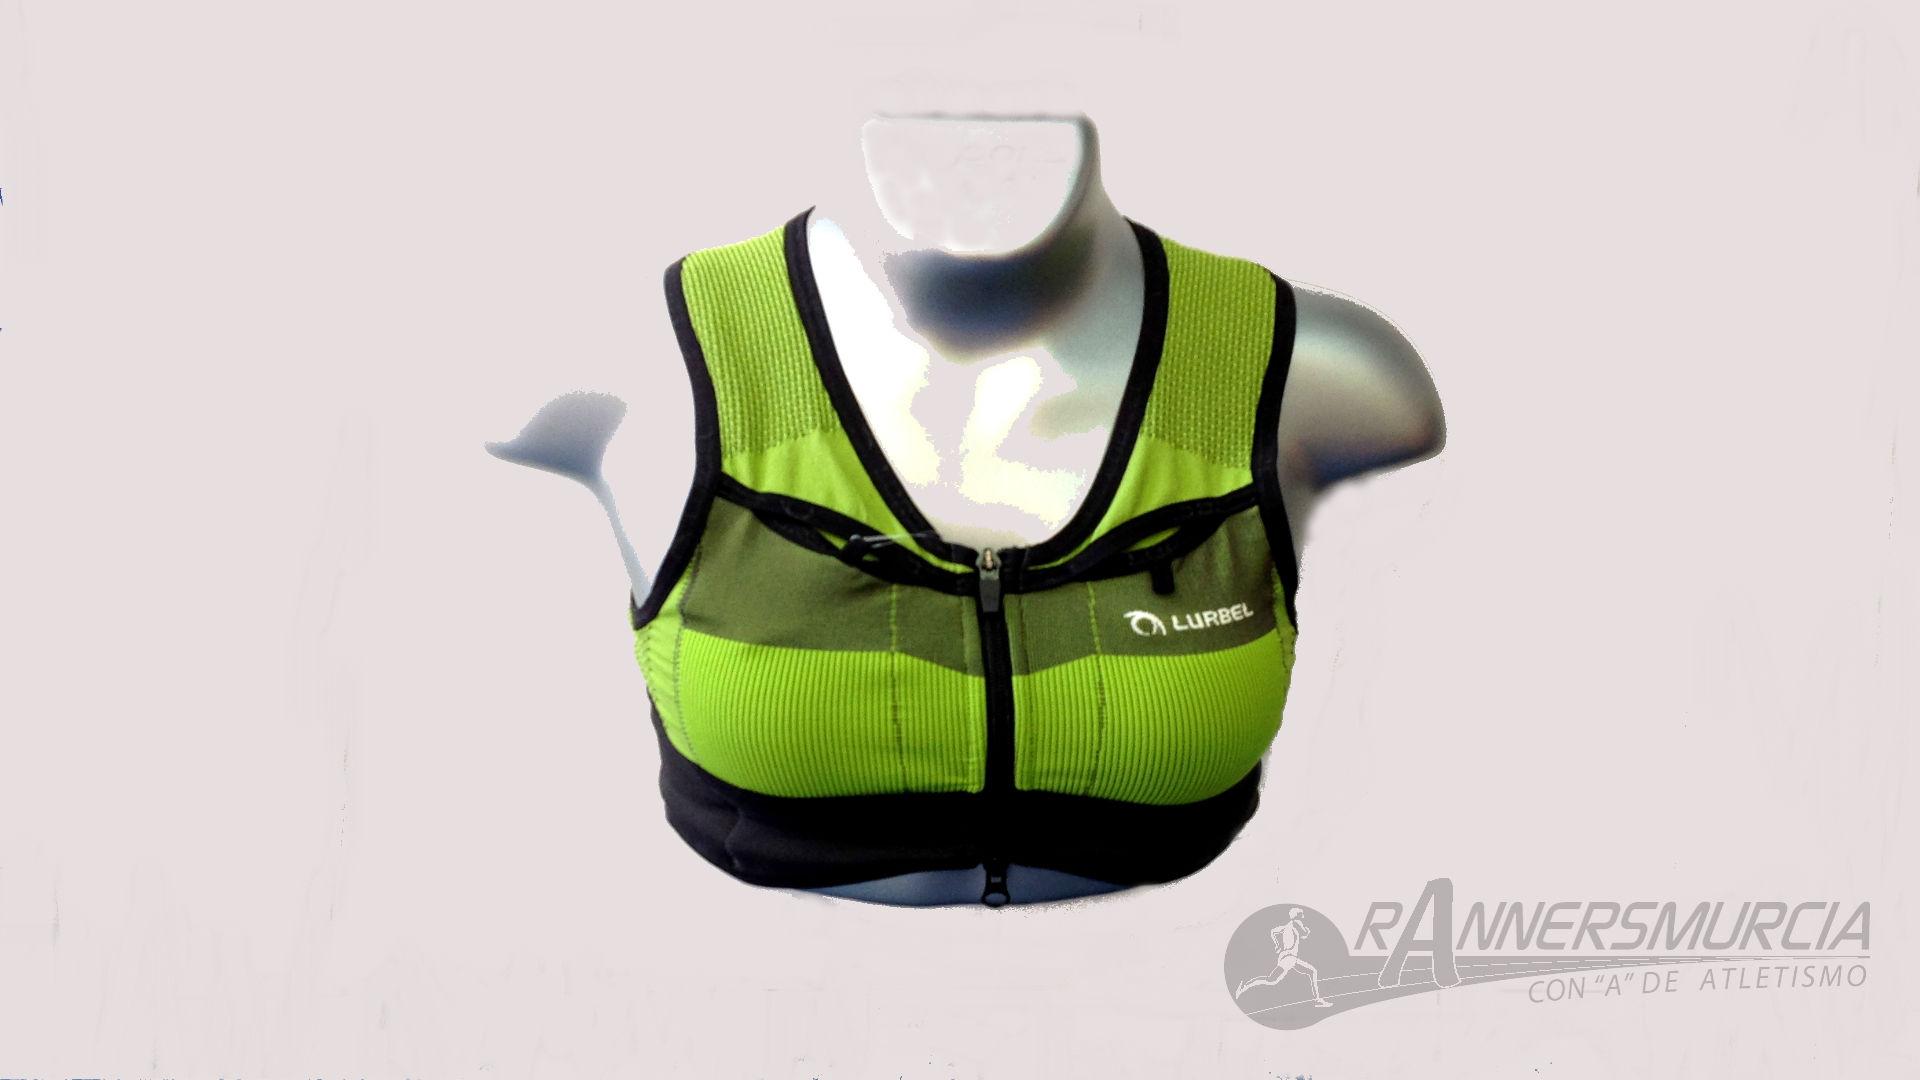 trail-running-lurbel-chaleco-kylie--verde